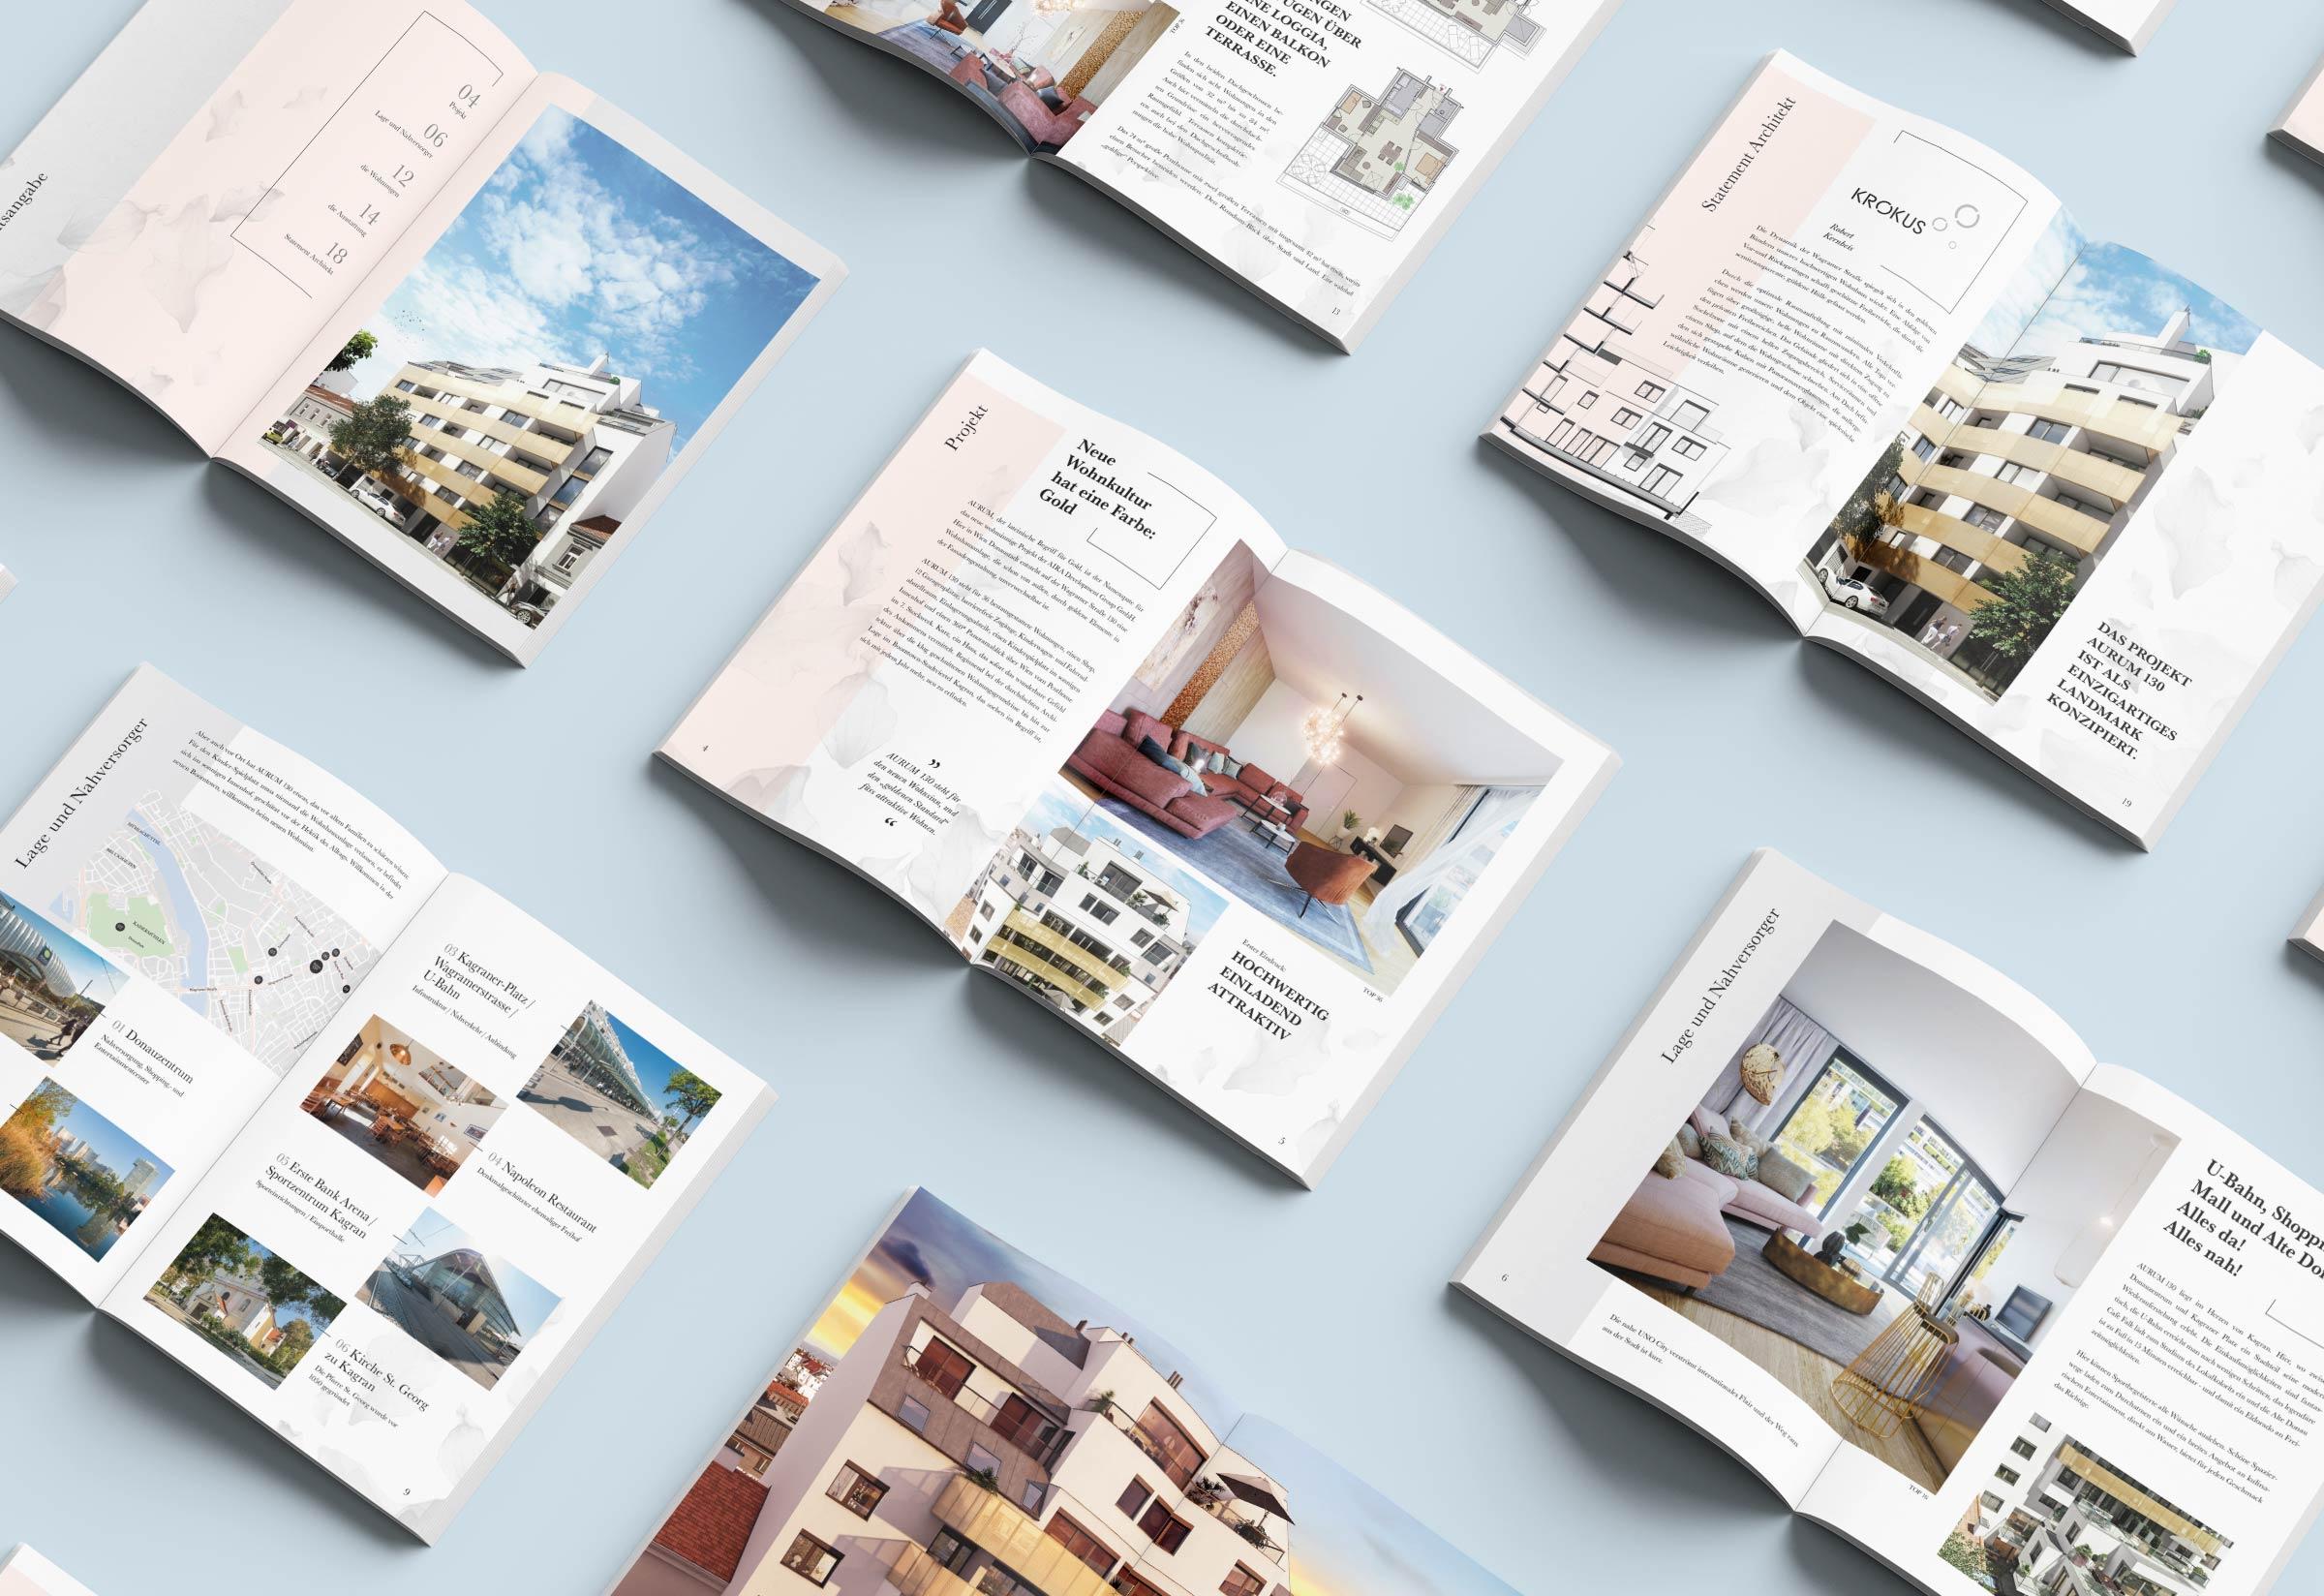 Brožura k projektu Aurum 130